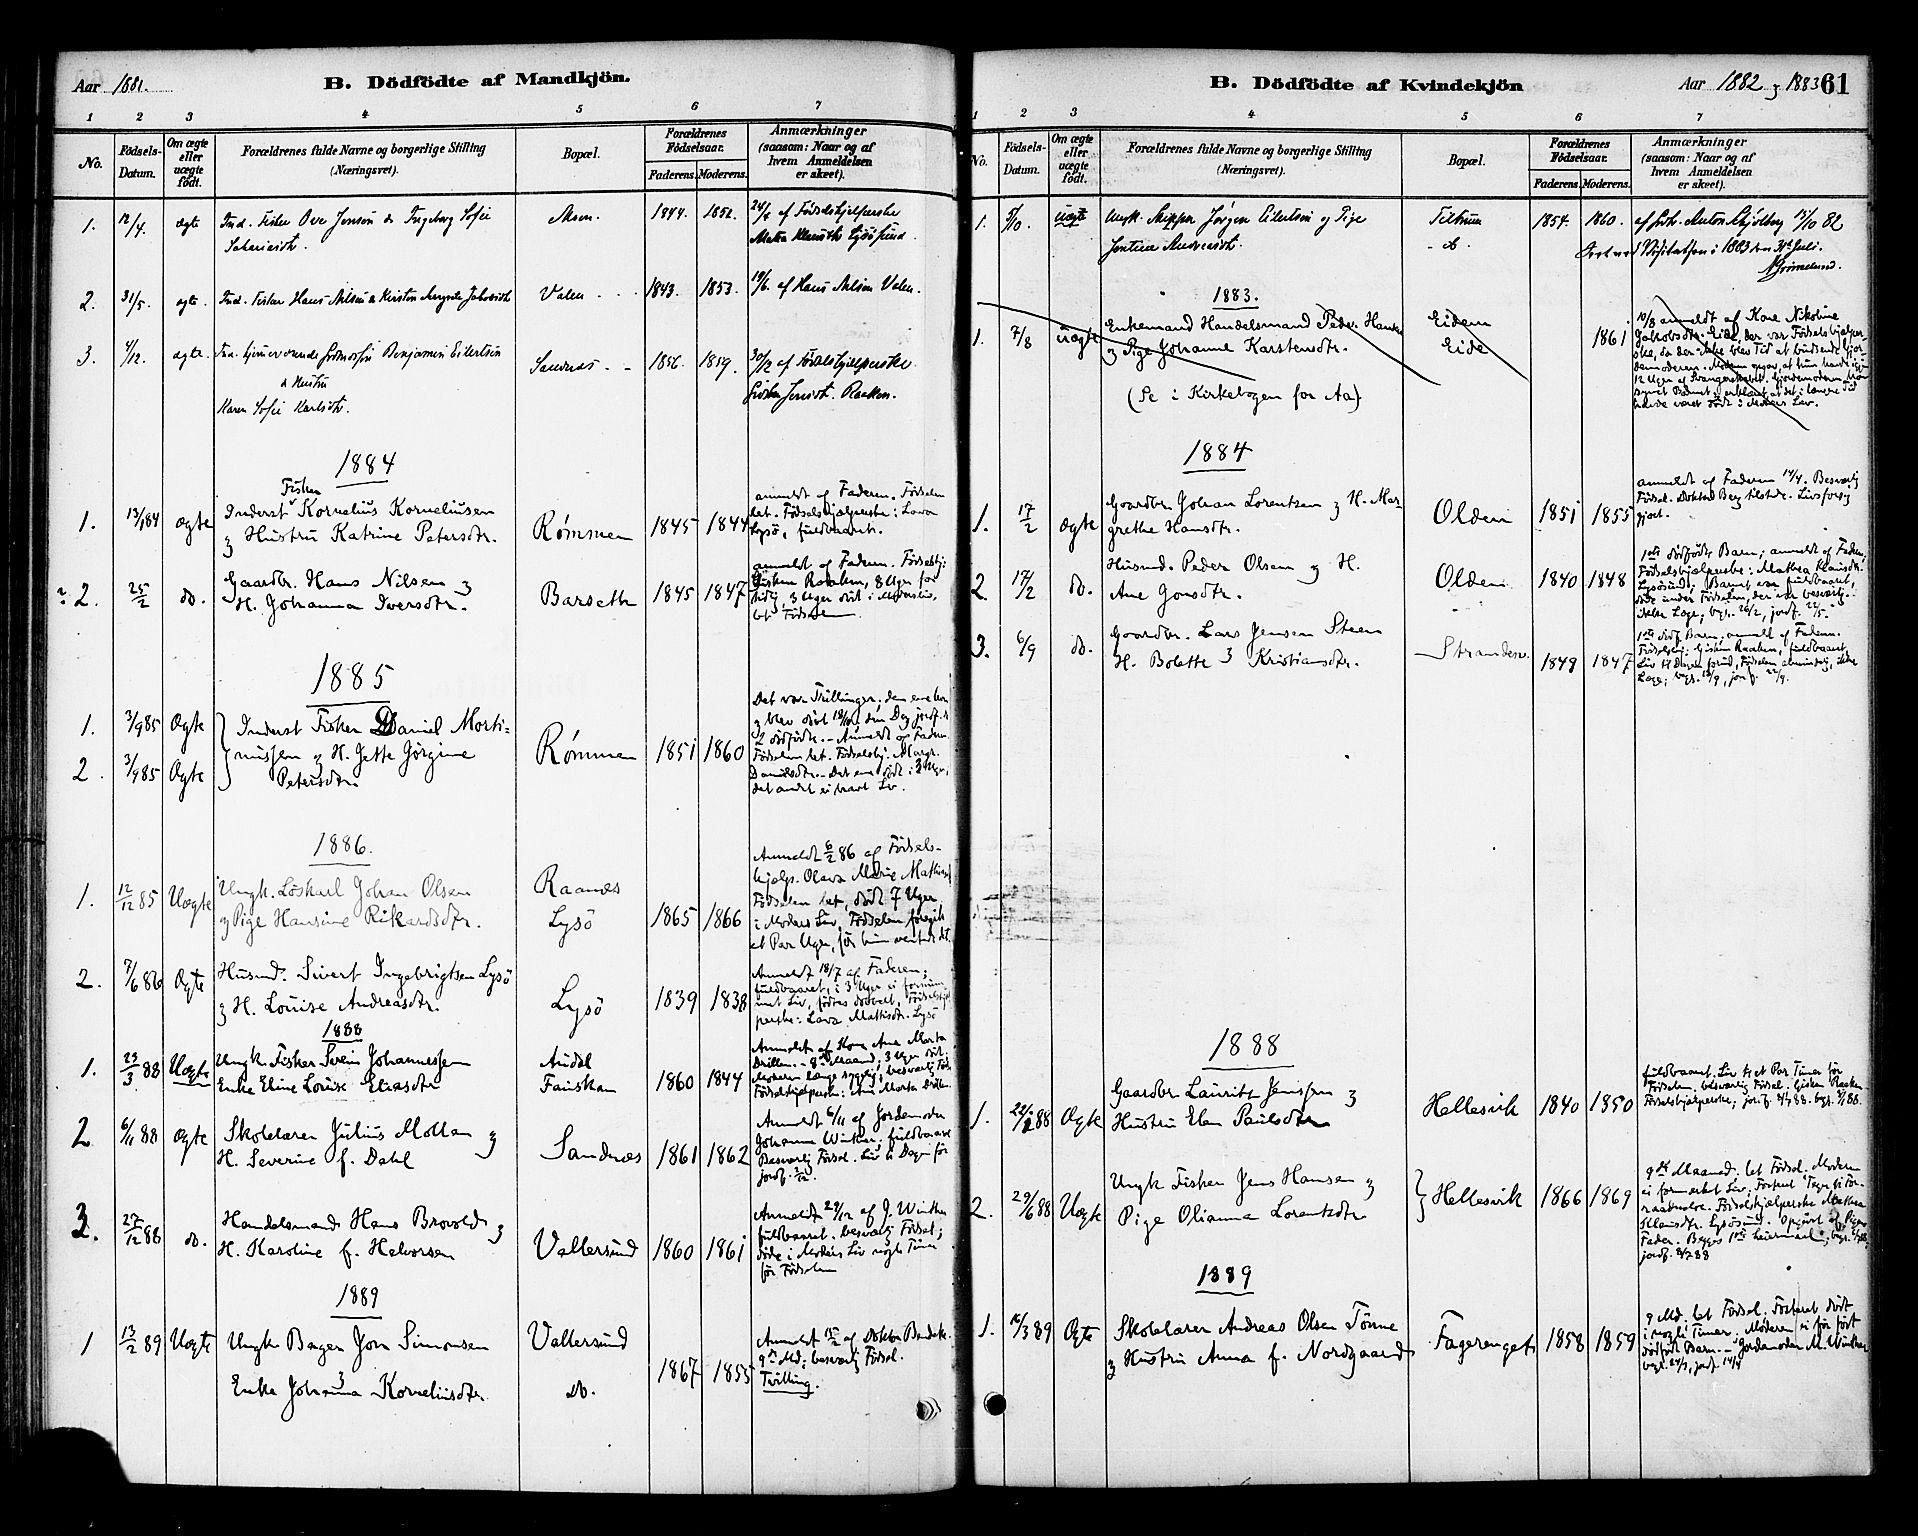 SAT, Ministerialprotokoller, klokkerbøker og fødselsregistre - Sør-Trøndelag, 654/L0663: Ministerialbok nr. 654A01, 1880-1894, s. 61